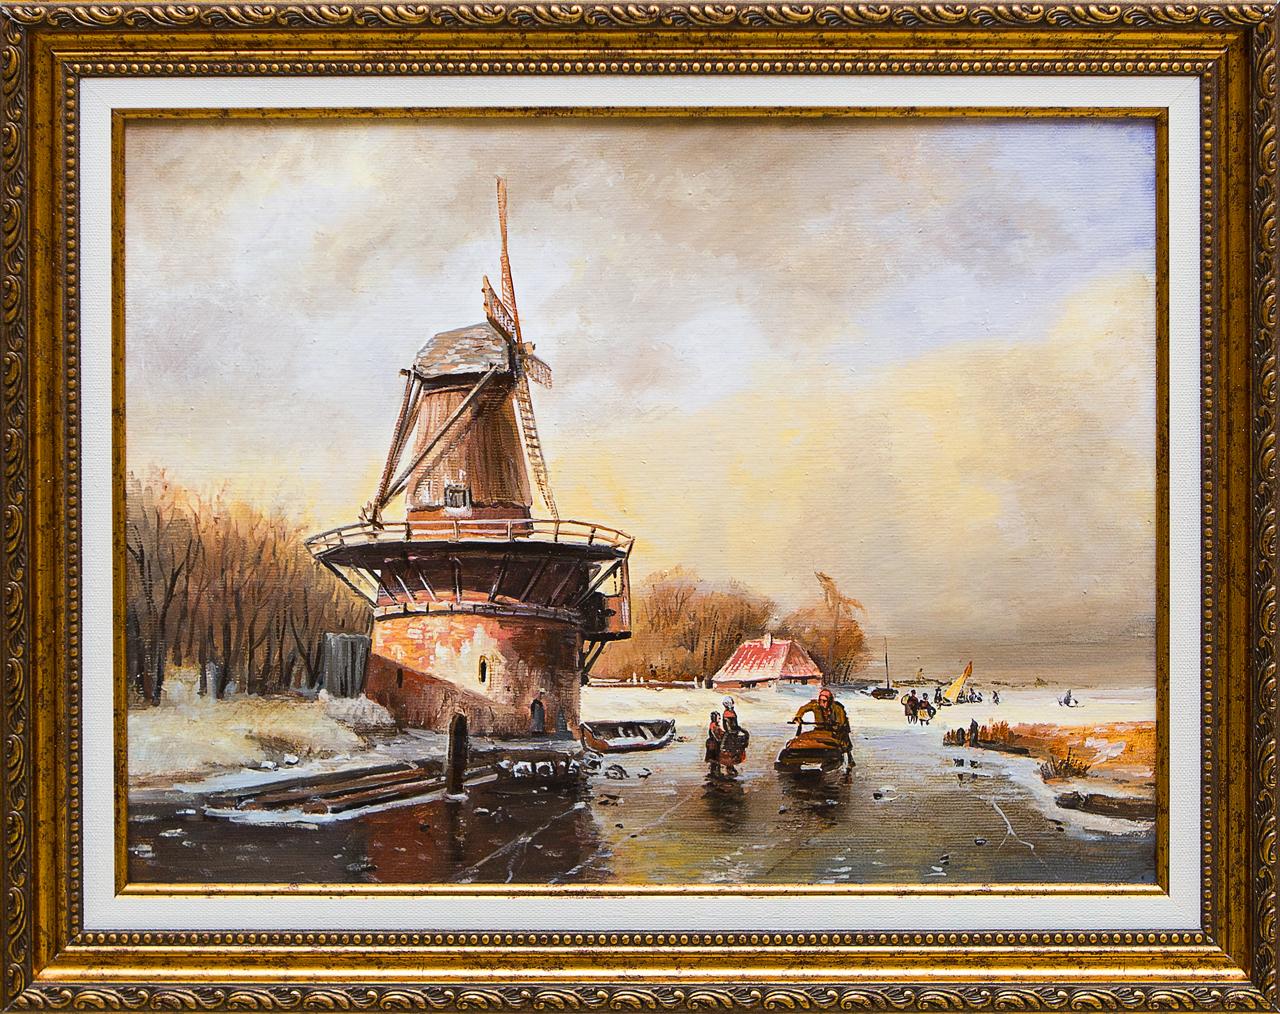 Картина маслом Голландский пейзаж Воробьёв картина маслом гуляки воробьёв